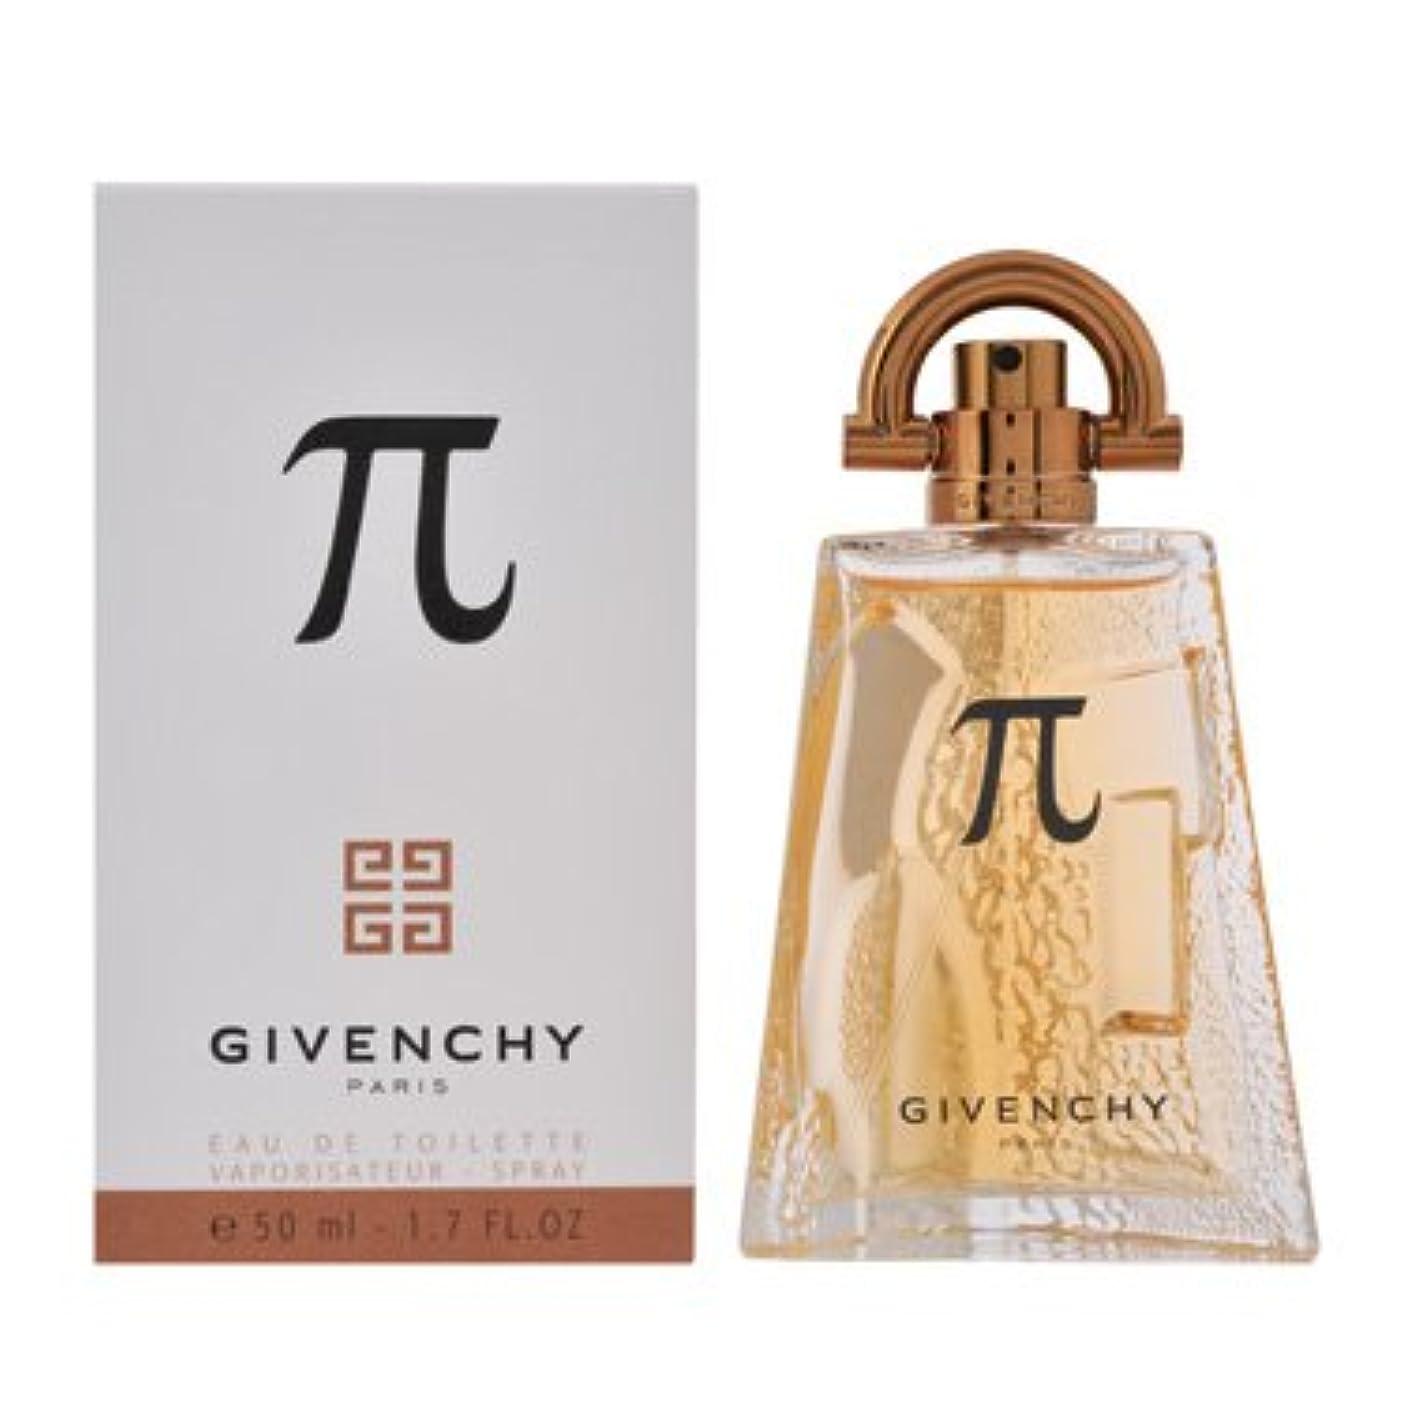 大人大学クロールGIVENCHY(ジバンシイ) GIVENCHY ジバンシイ パイ EDT/50mL3274878222551 香水 フレグランス 香水?フレグランス